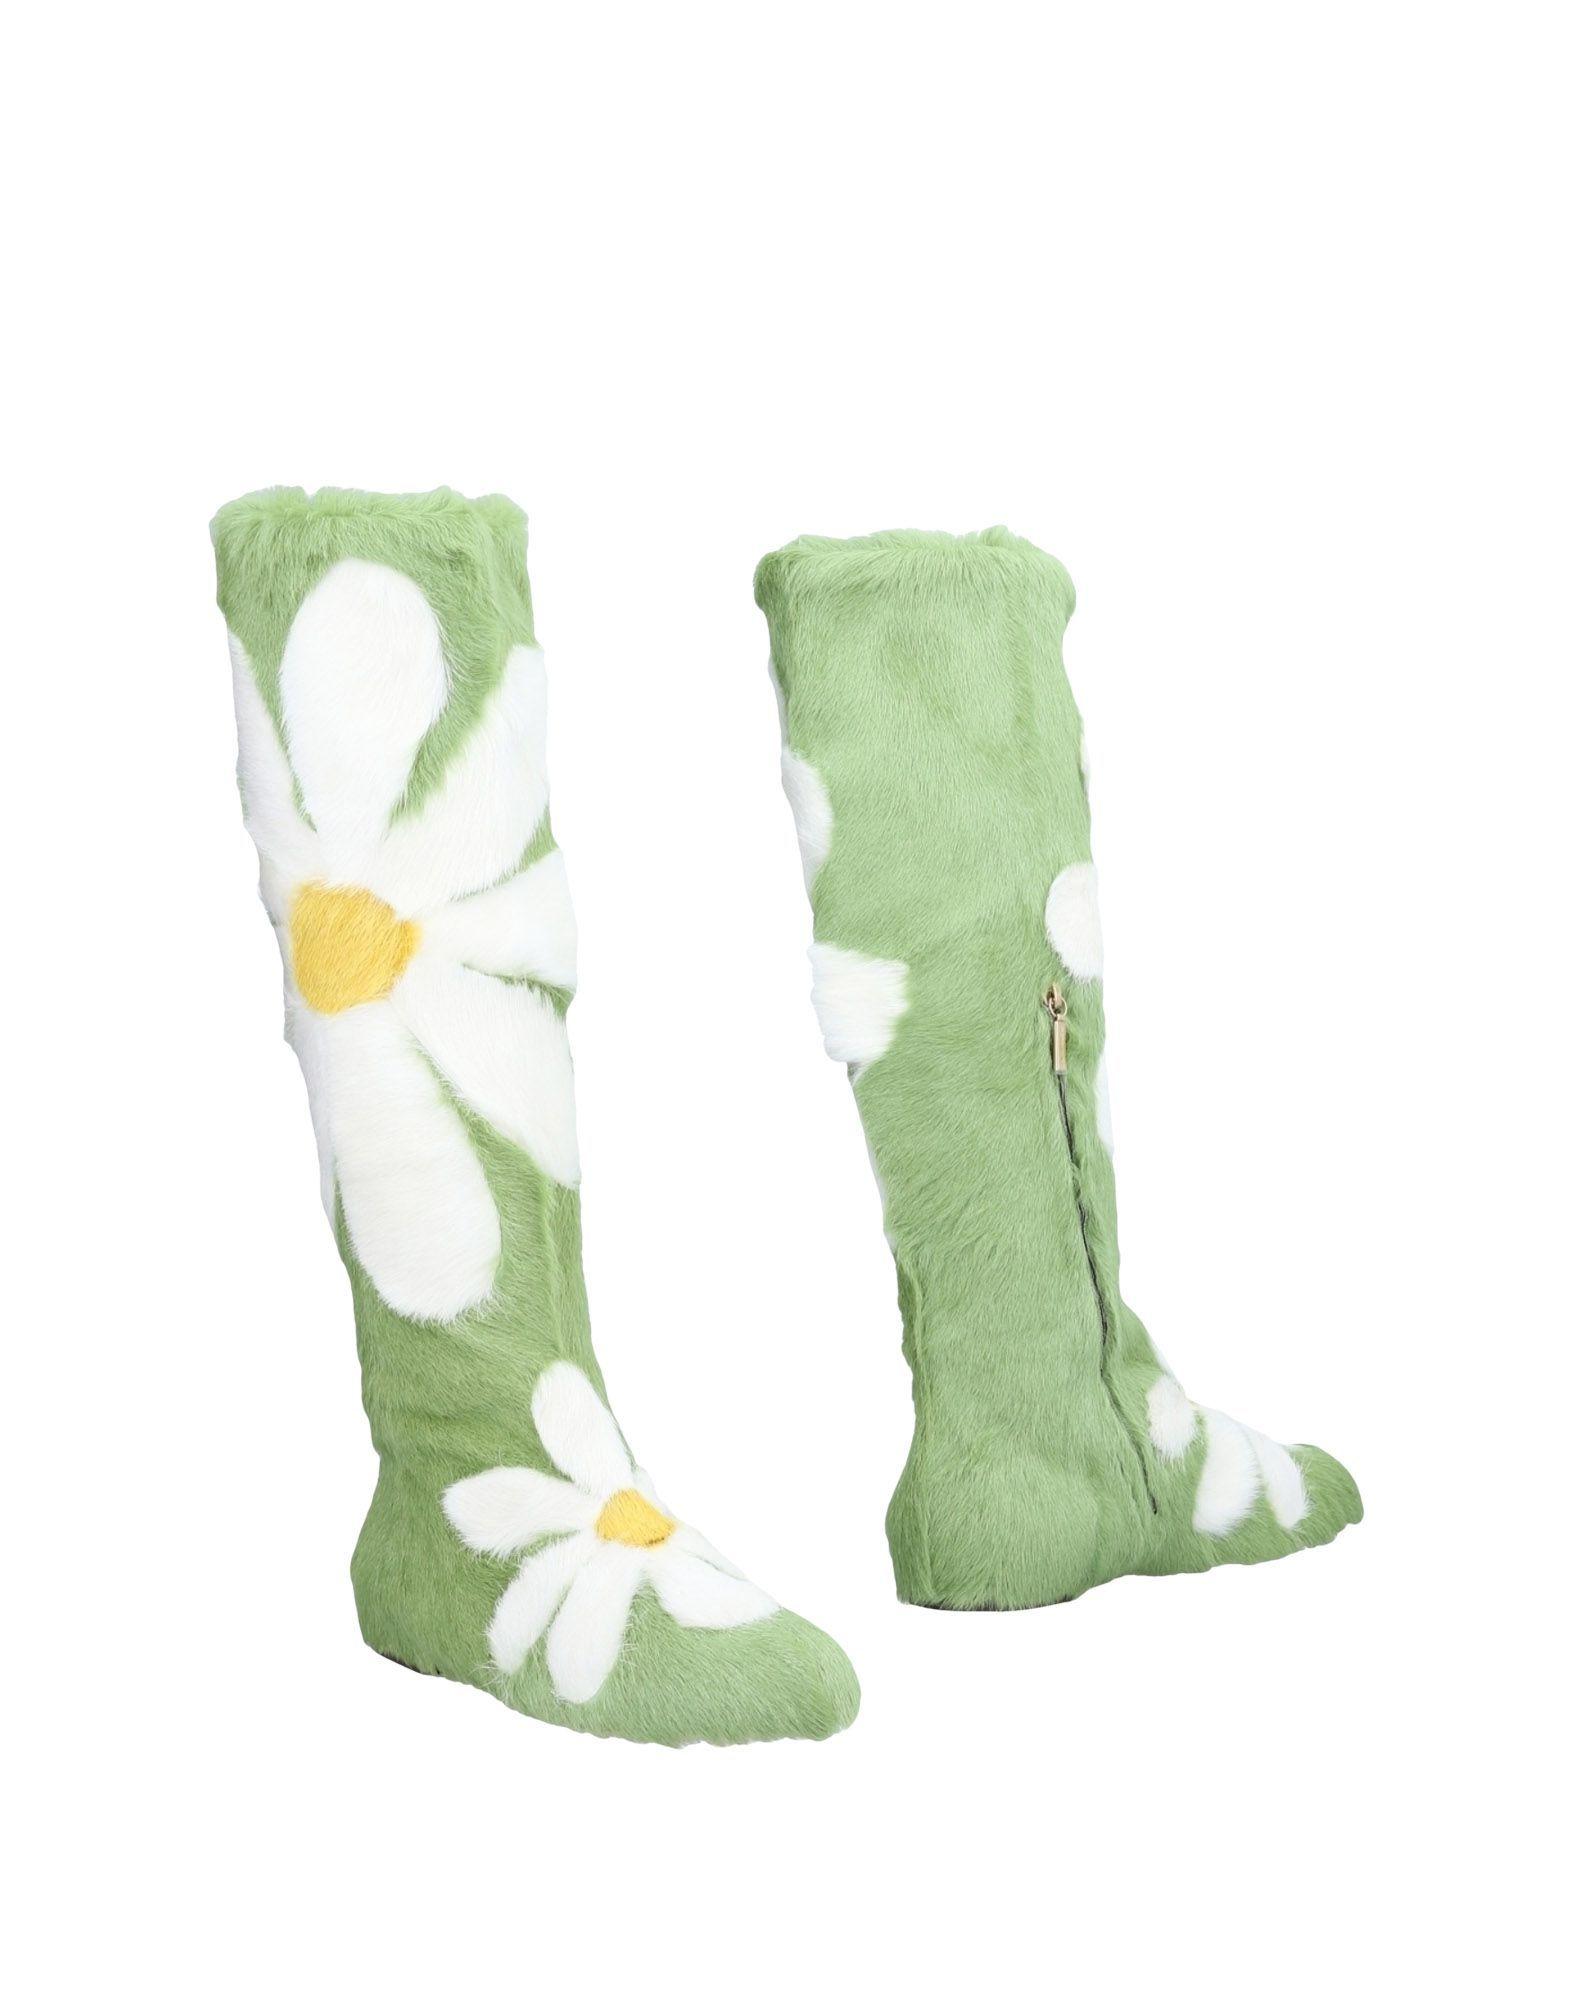 Dolce & Gabbana Women's Boots Kid Skin